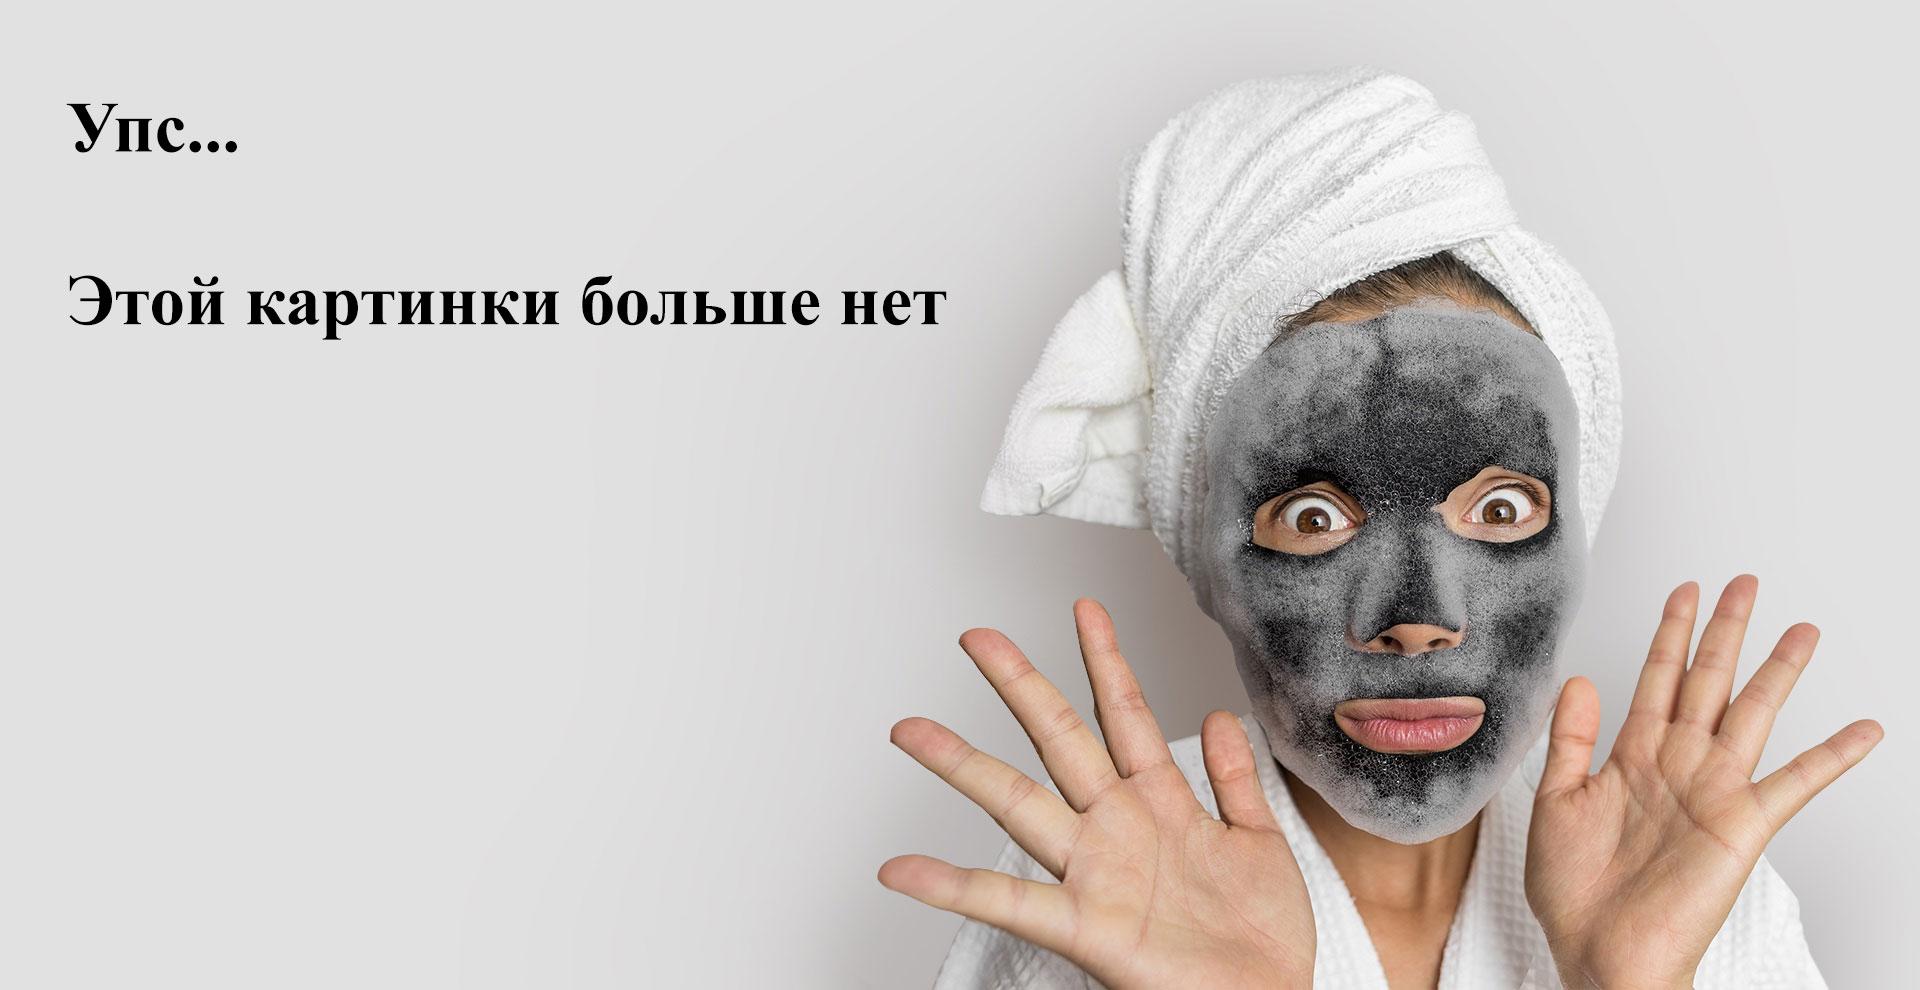 Pole, Набор кистей с керамическим копытцем, 7 шт.